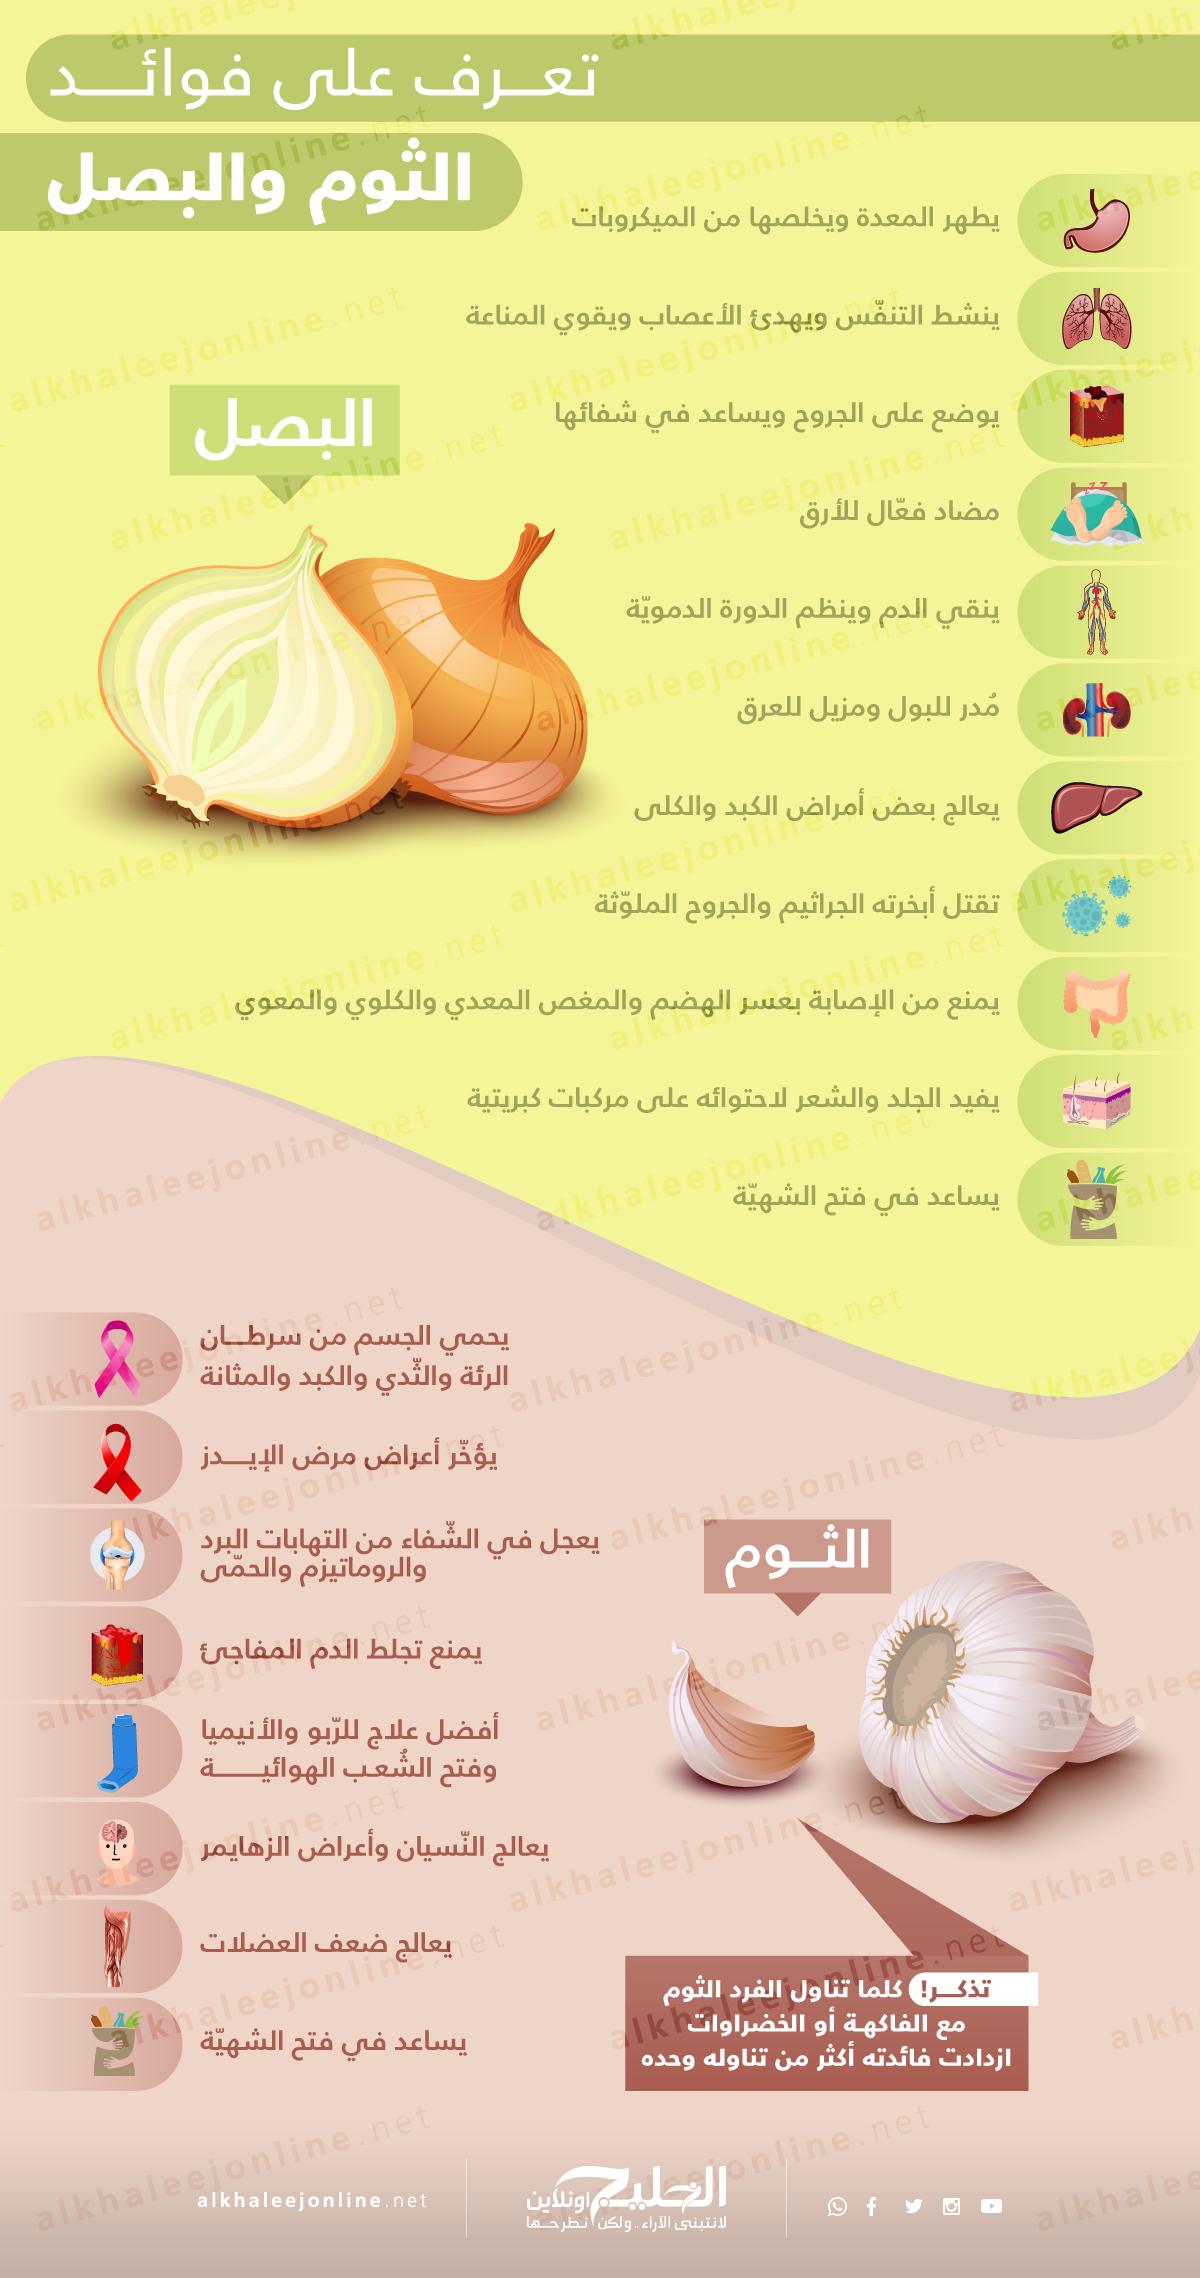 فوائد-البصل-والثوم-1